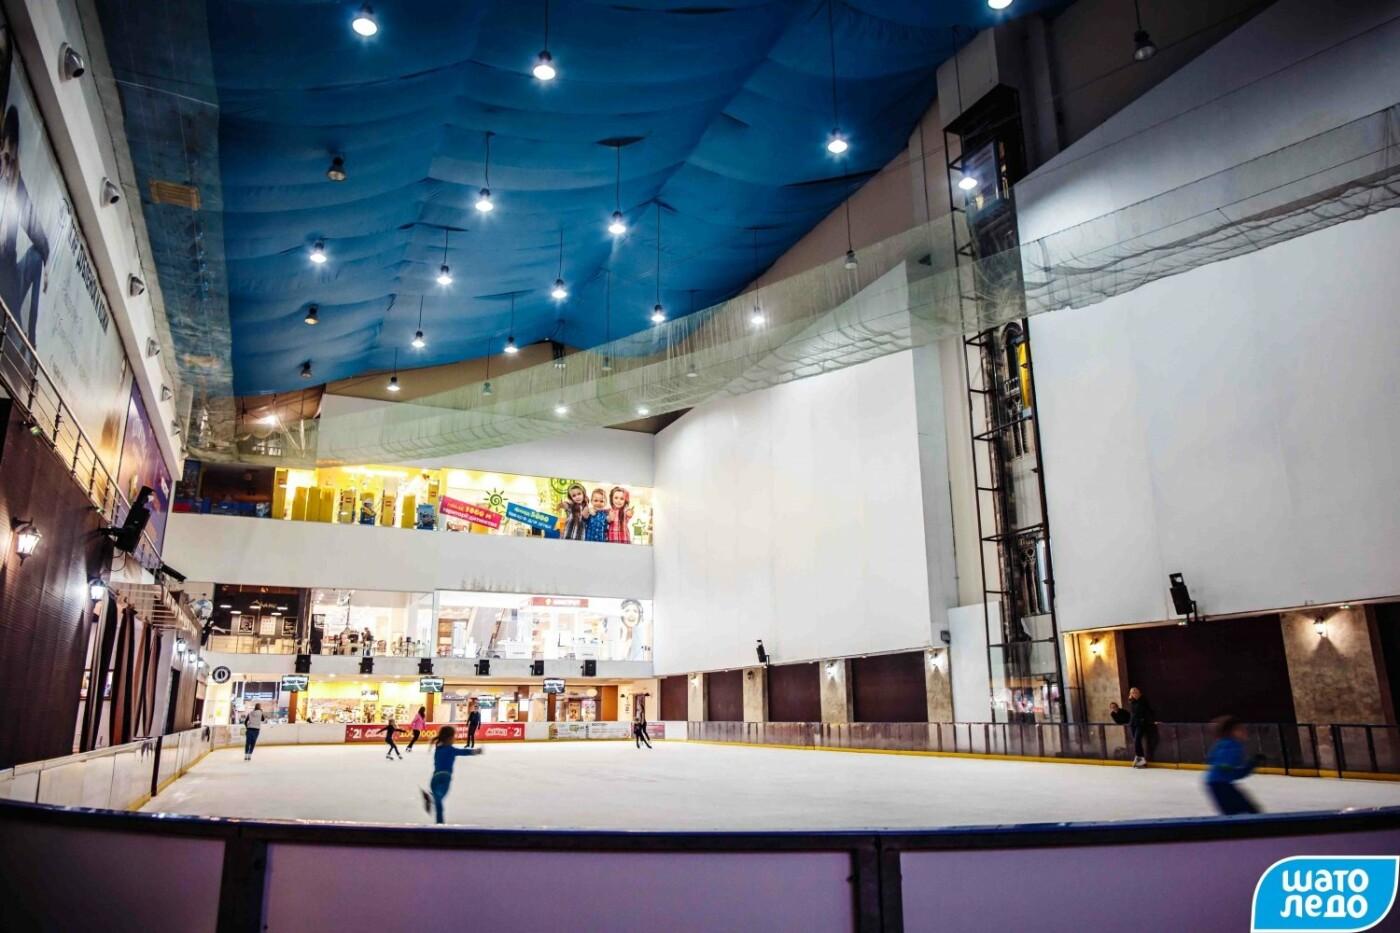 Где в Харькове покататься на коньках: график, цены и локации, - ФОТО, фото-1